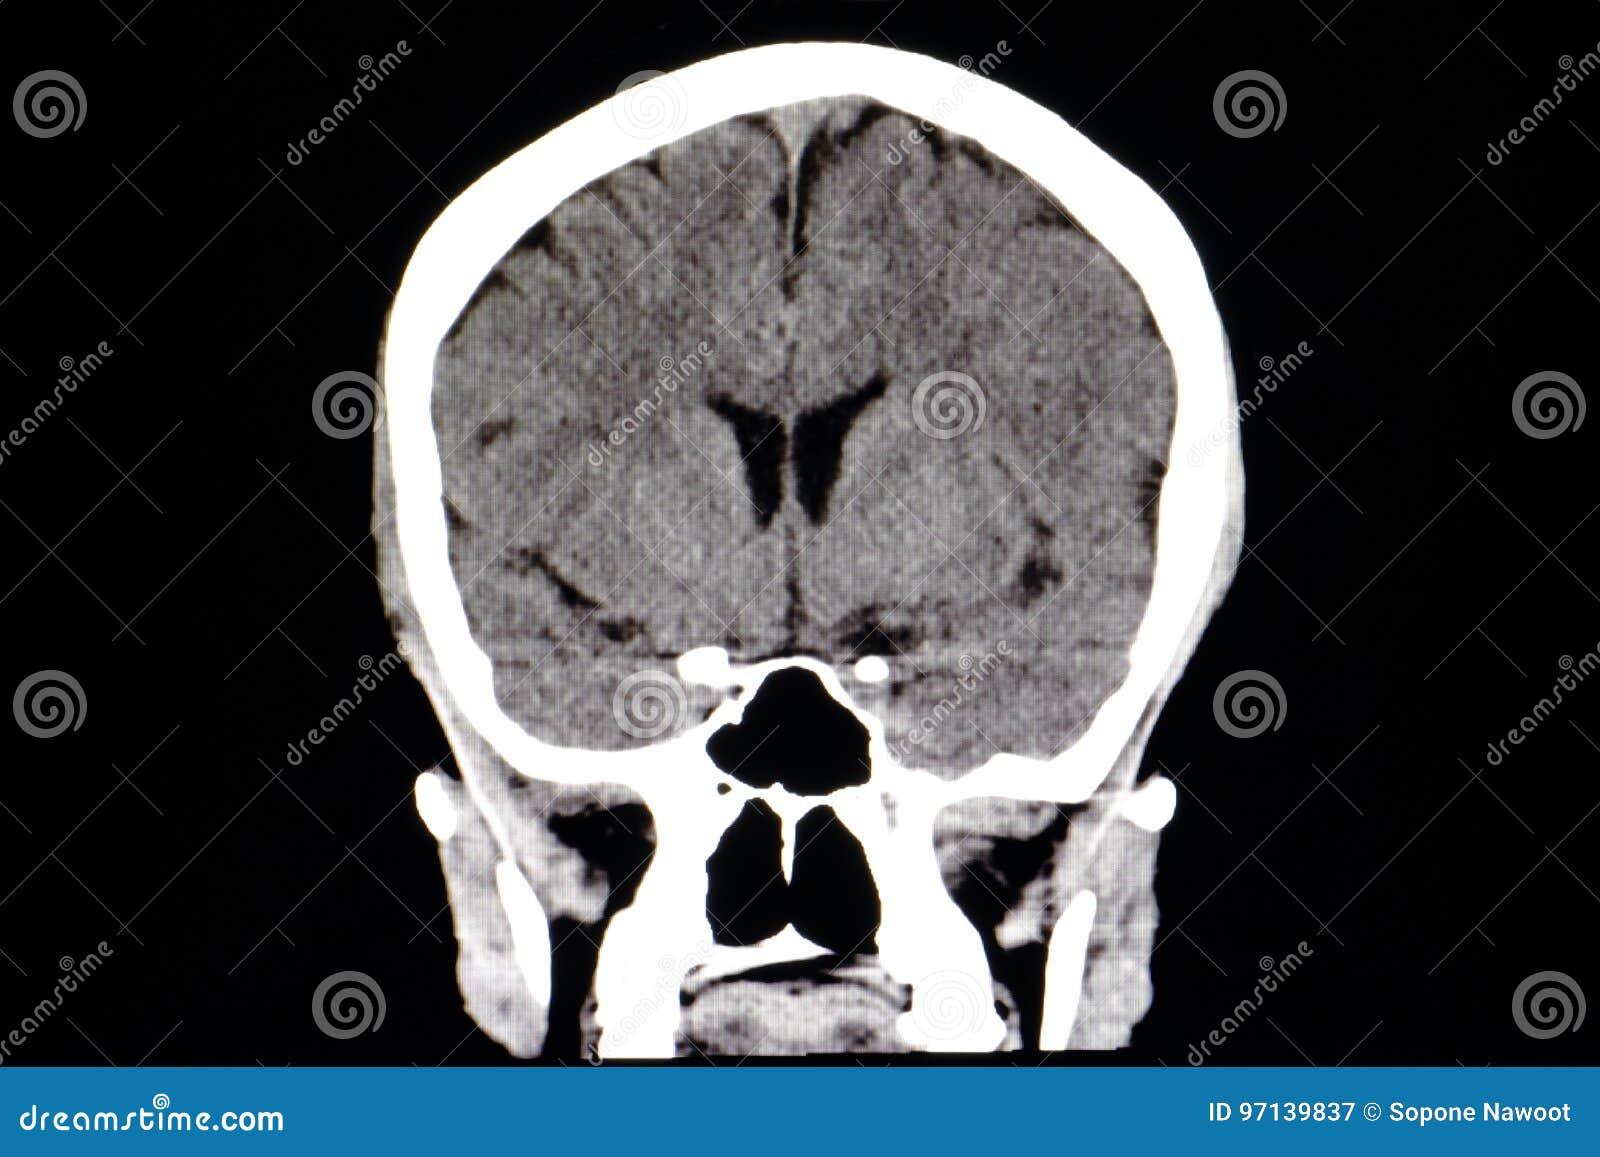 Cerebro del CT imagen de archivo. Imagen de gris, anatomía - 97139837